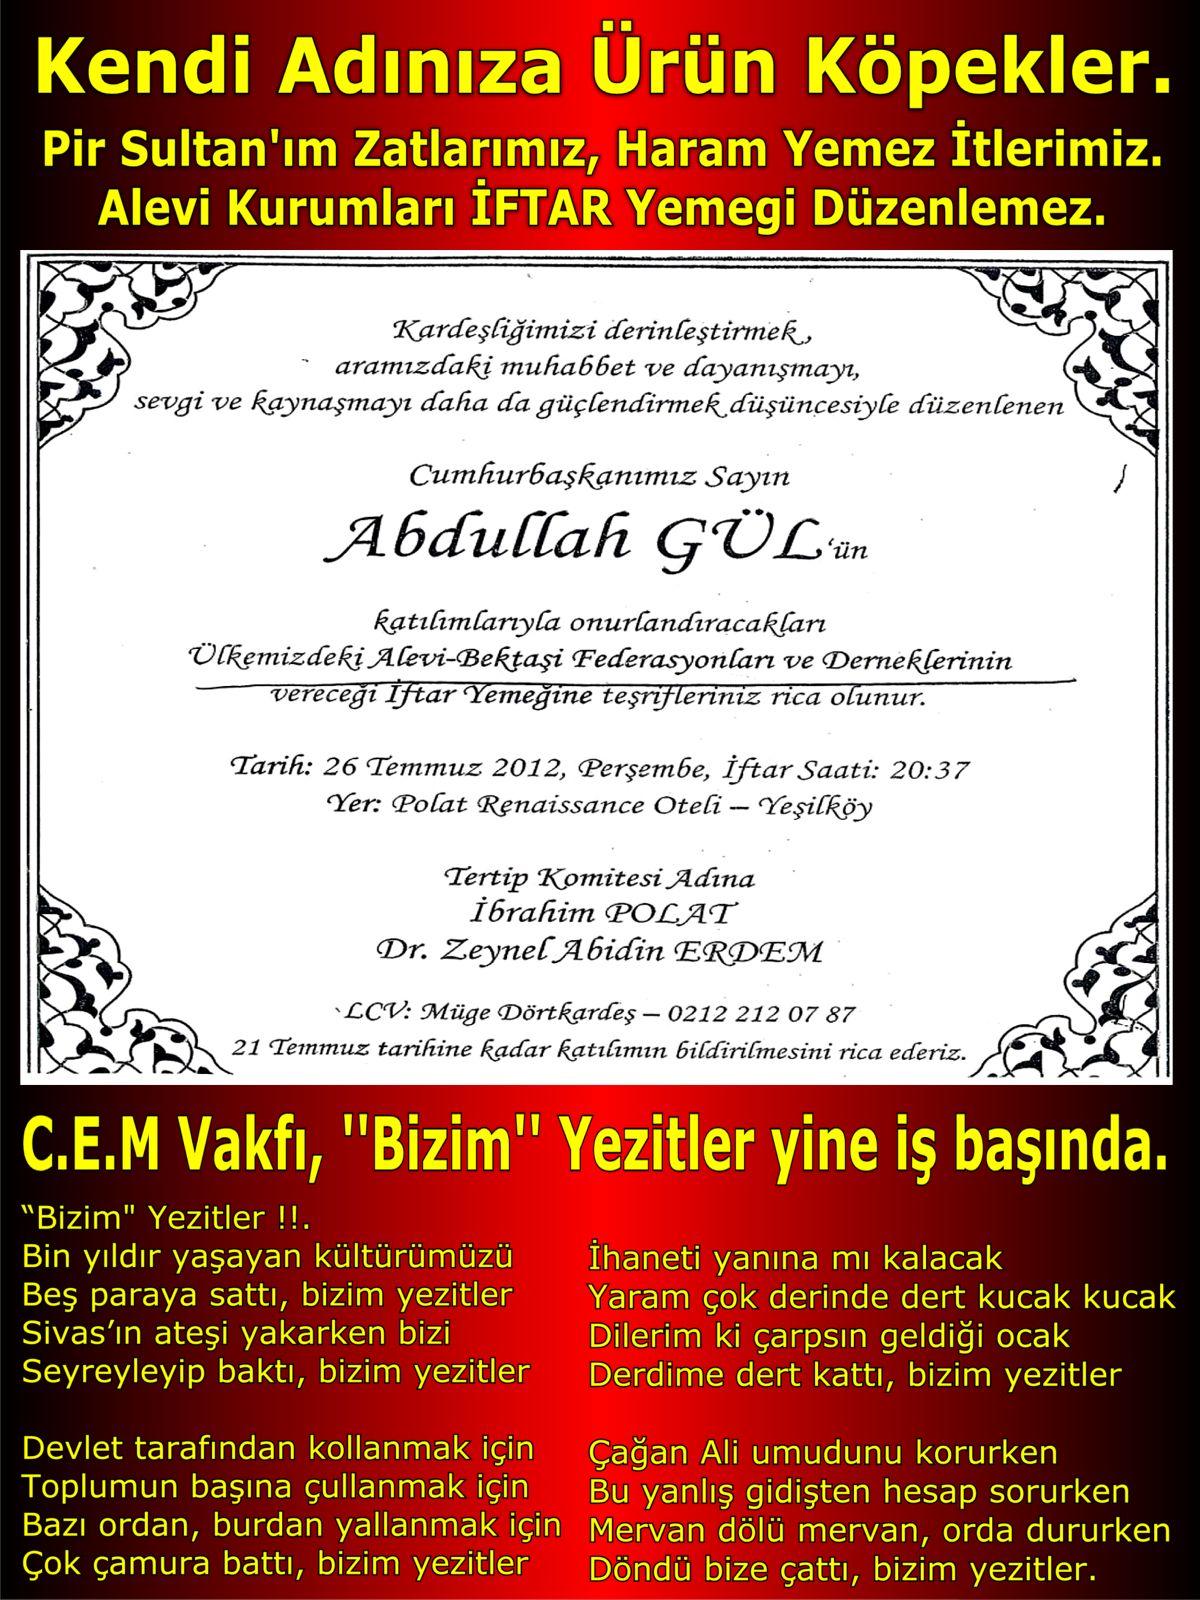 Devrimci Aleviler Birliği DAB Alevi Kızılbaş Bektaşi pir sultan cem hz Ali 12 imam semah Feramuz Şah Acar köpekler